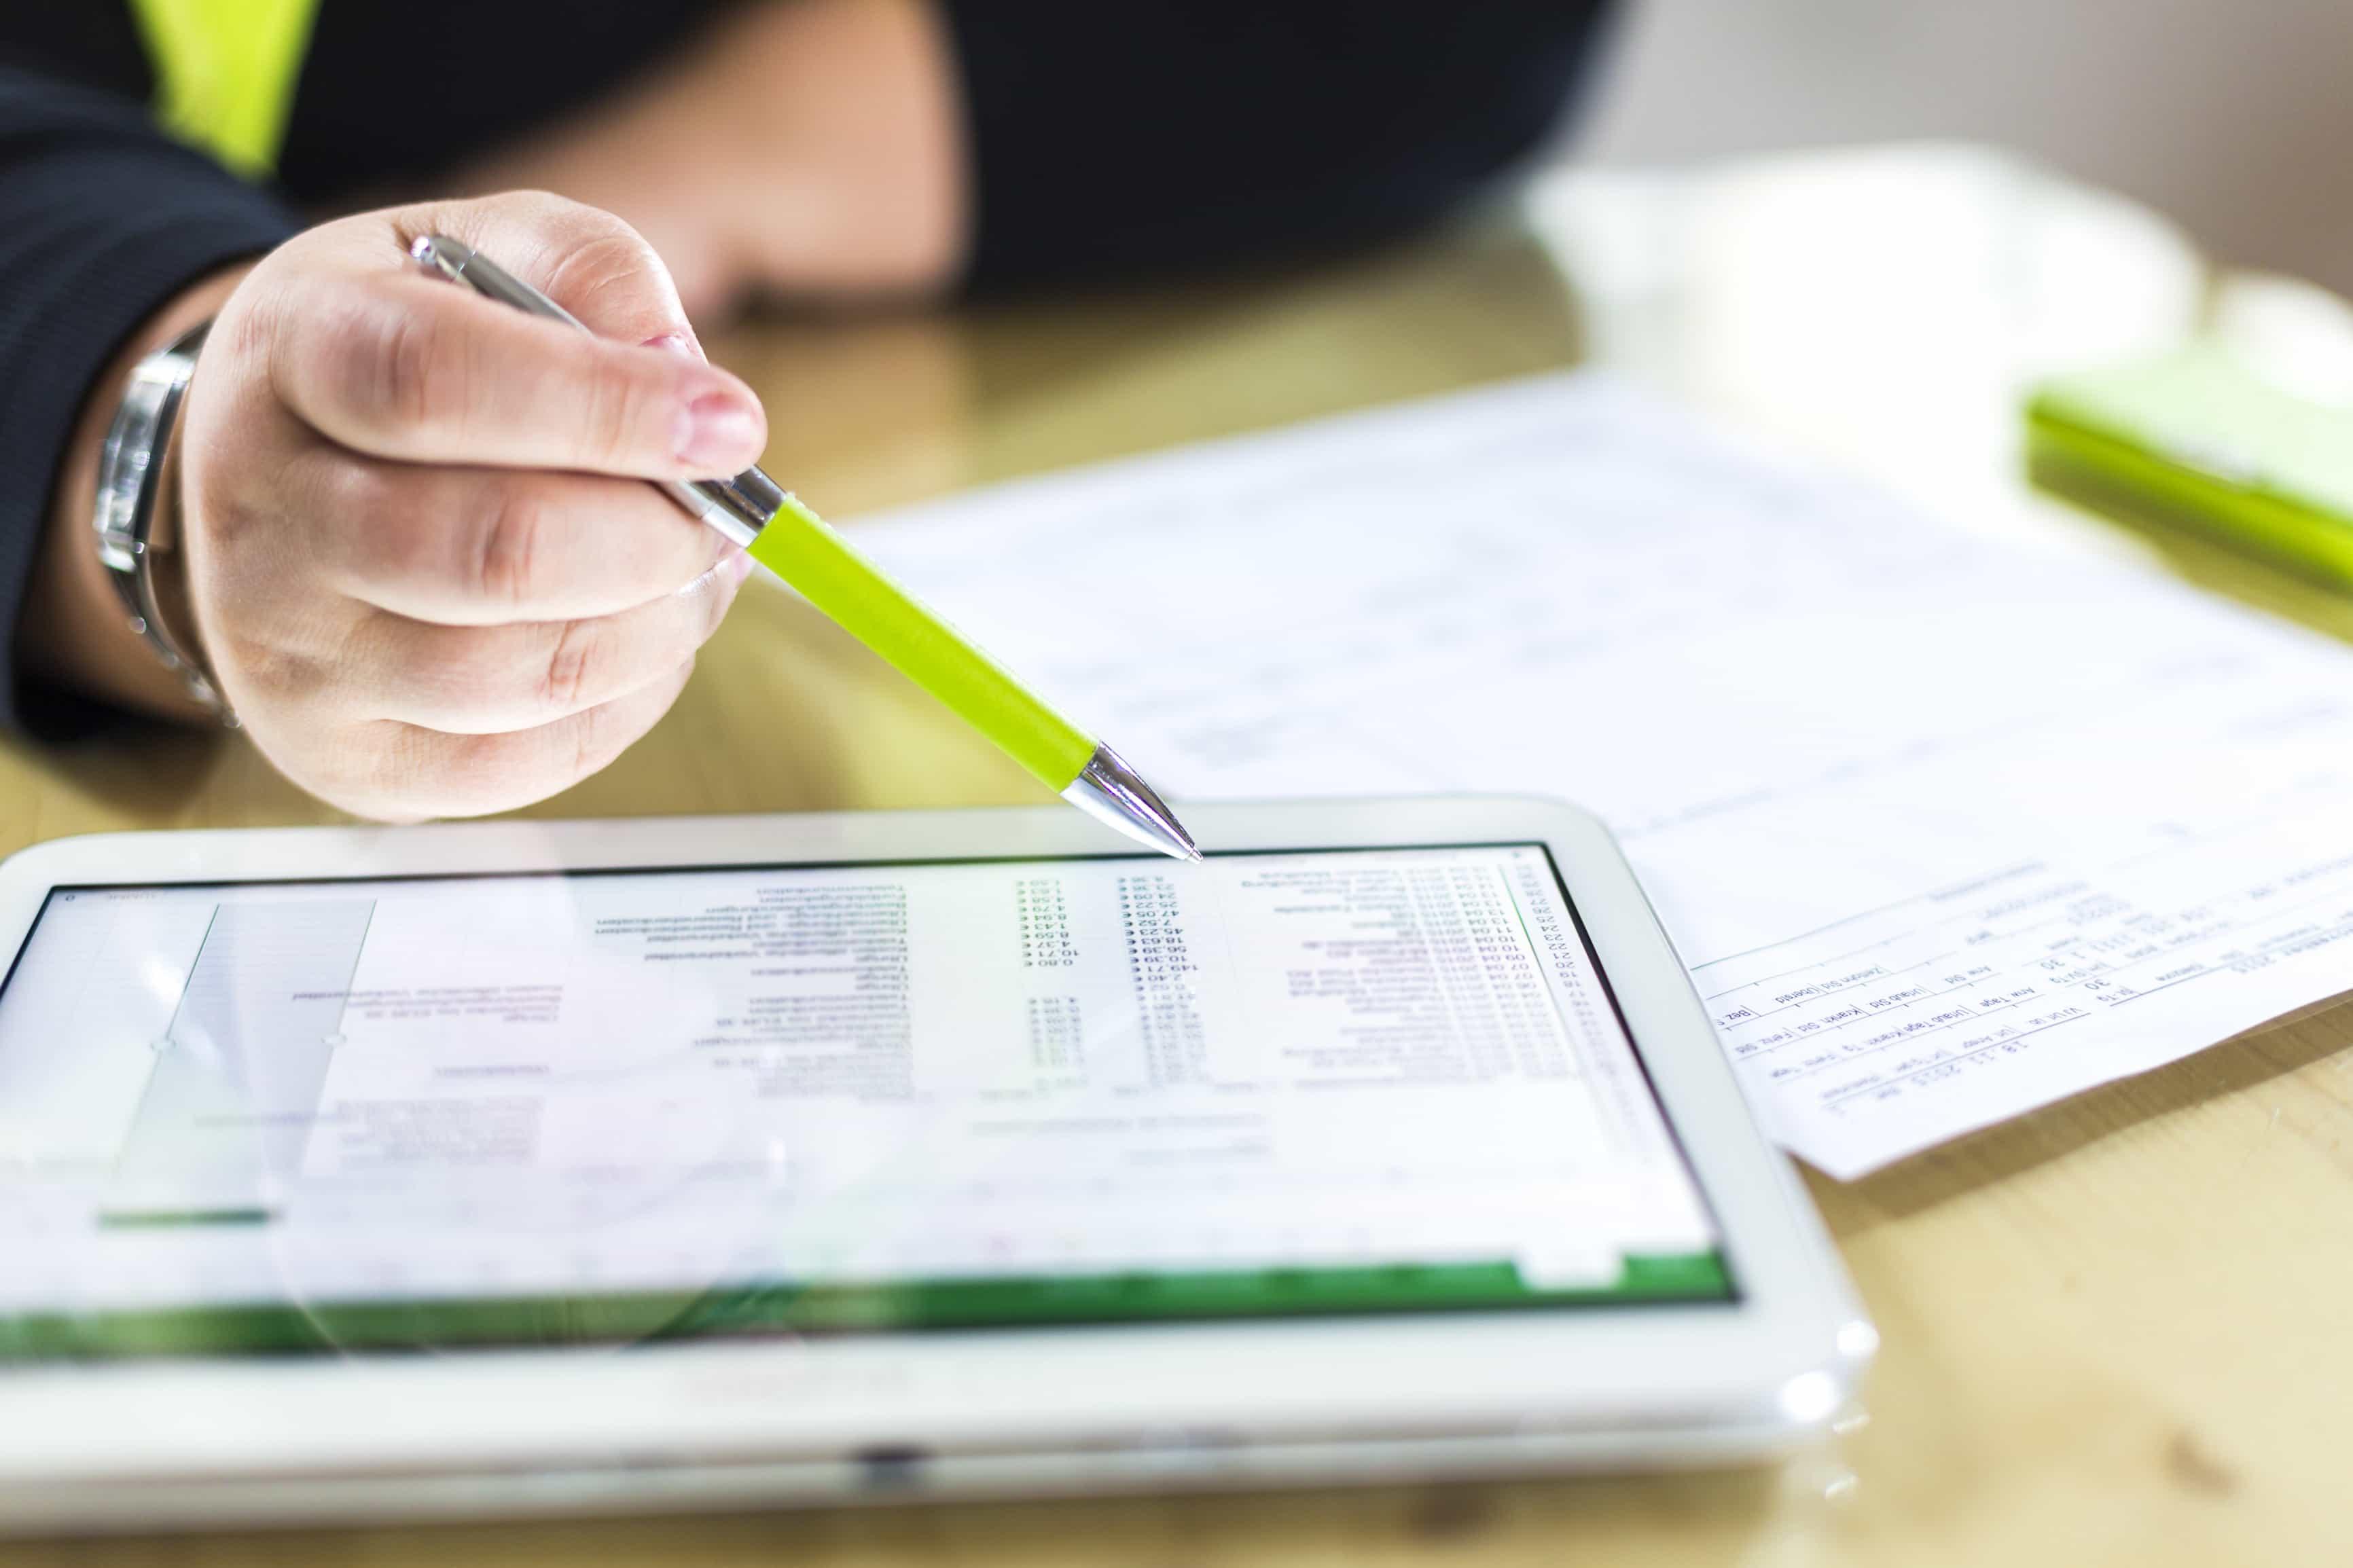 Buchhaltung am Tablet-Computer, Detailaufnahme